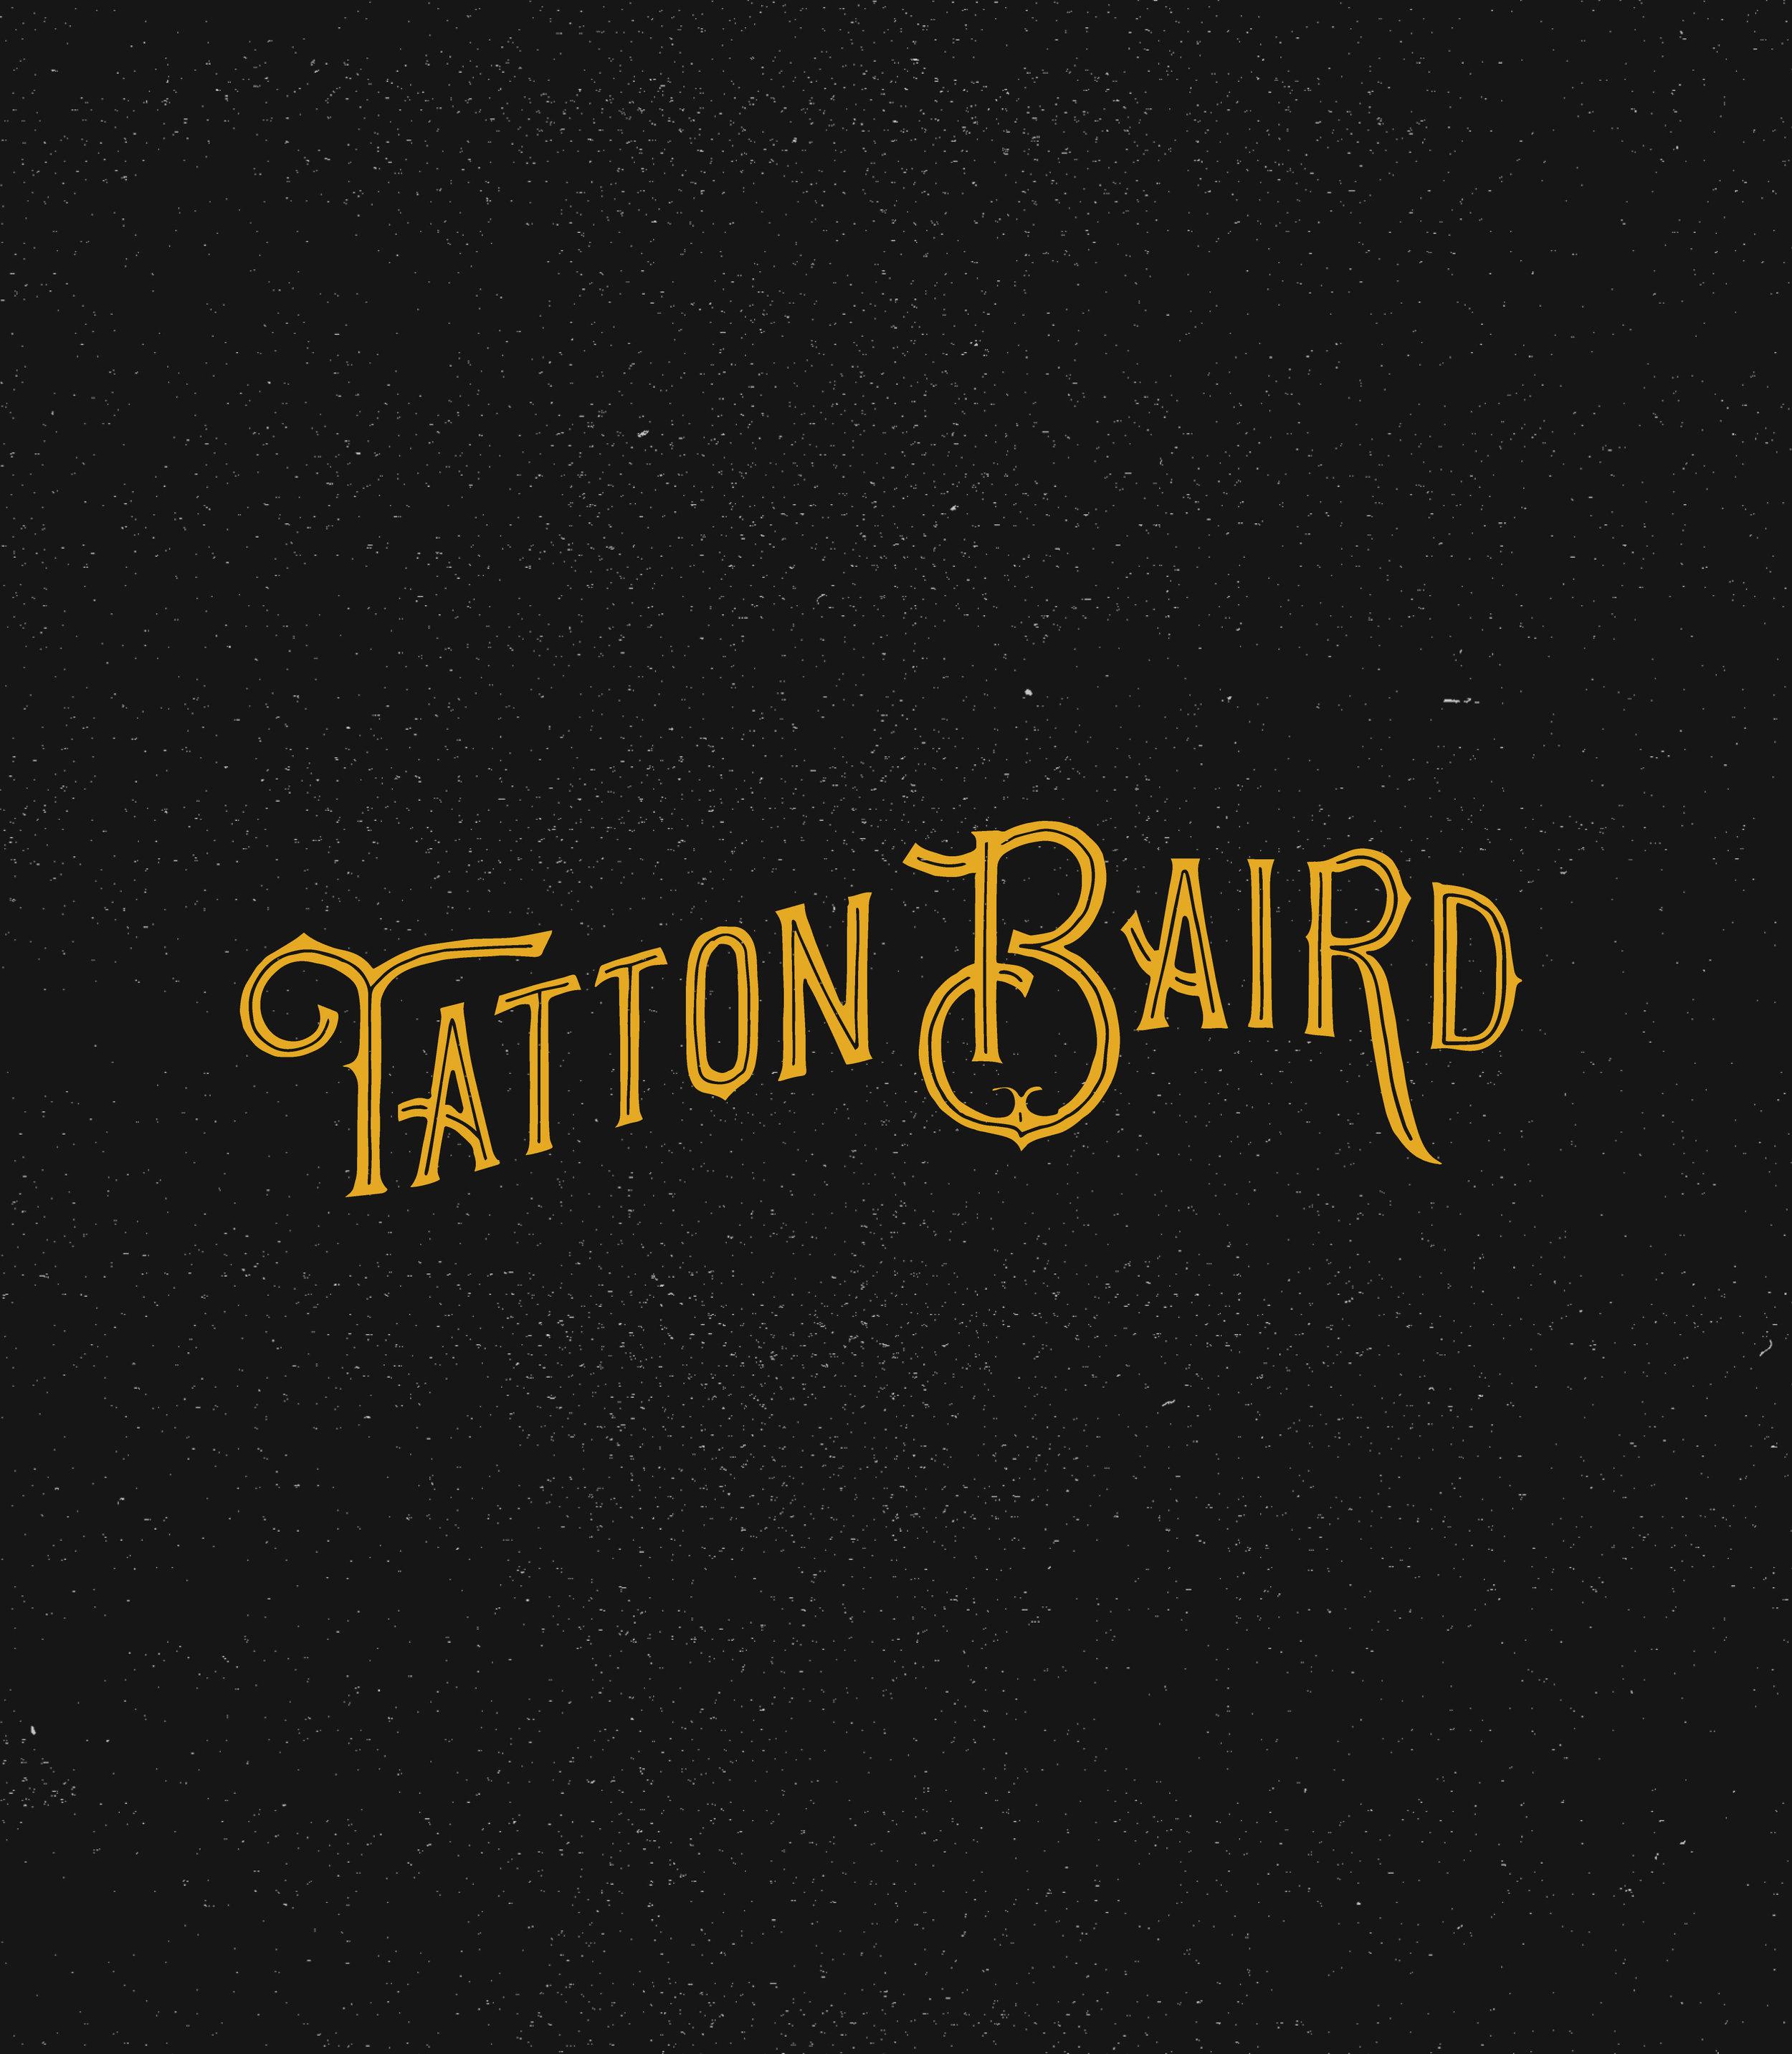 Tatton_Baird_Test_1.jpg